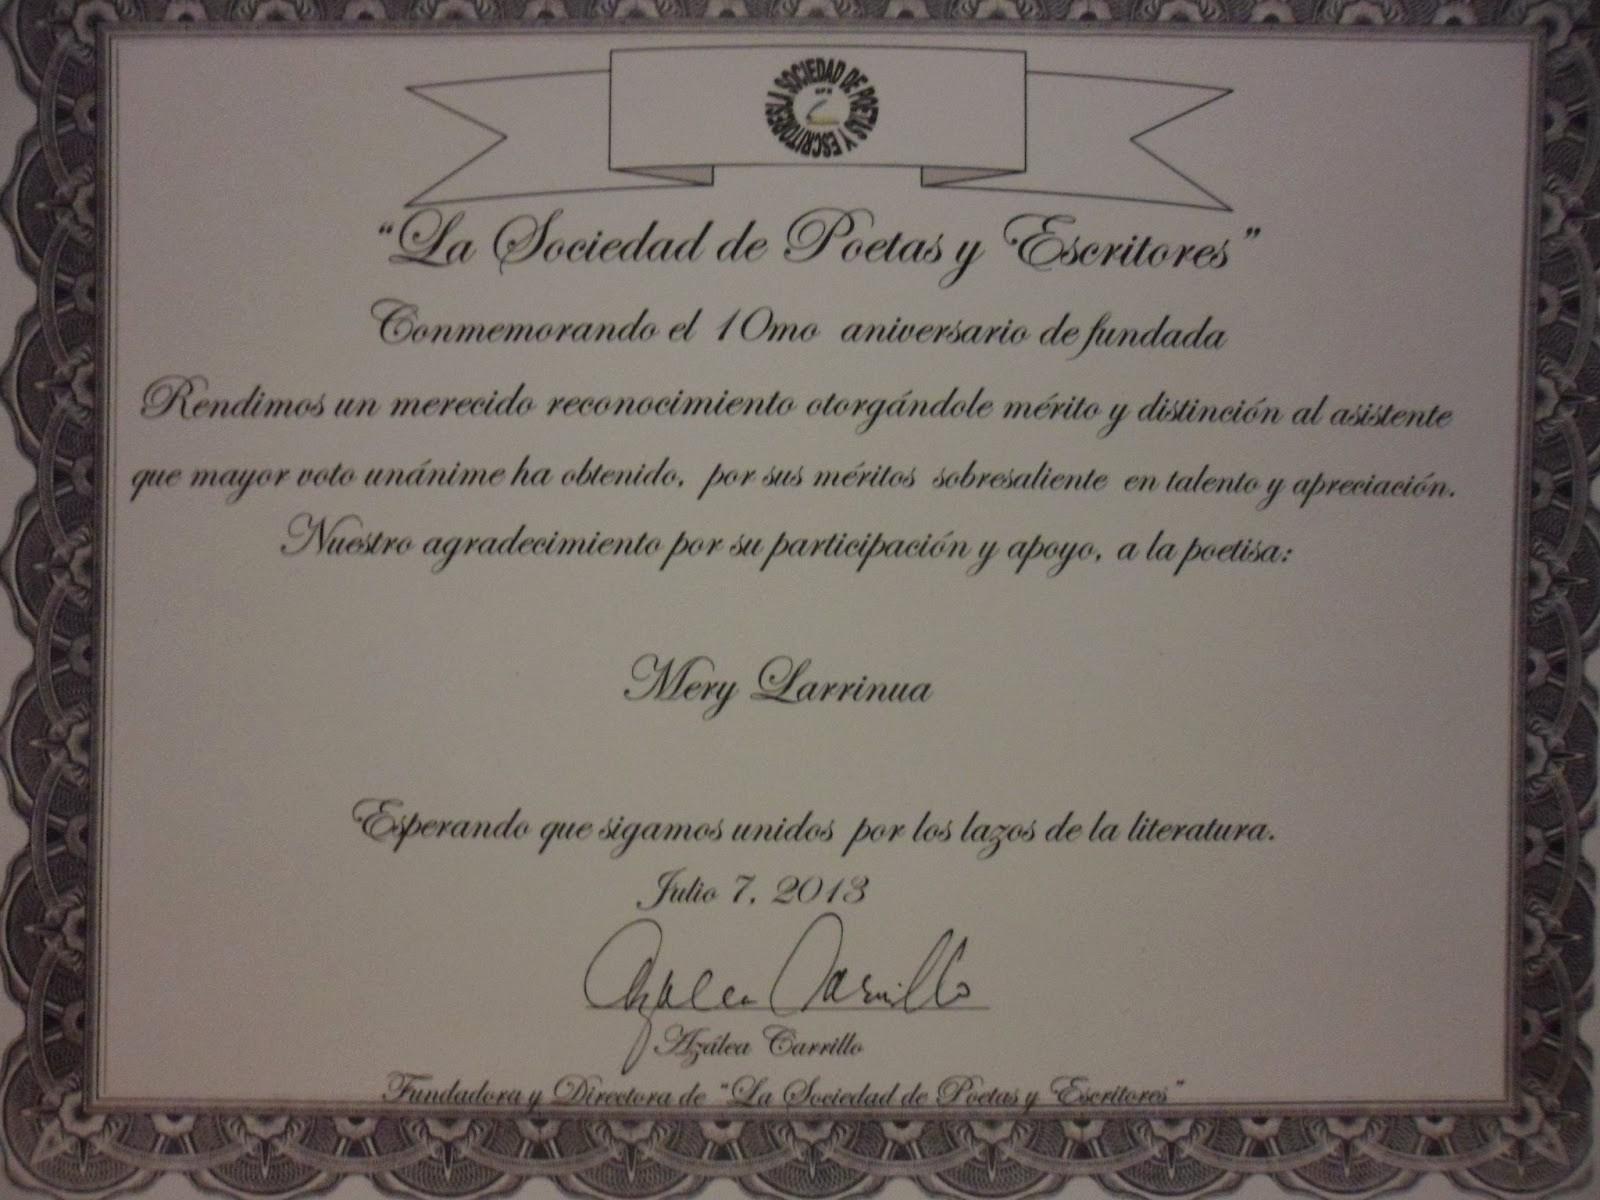 Certificado De Agradecimiento Y Apreciacion Best Of Certificado De Agradecimiento Y Apreciacion Paq 15